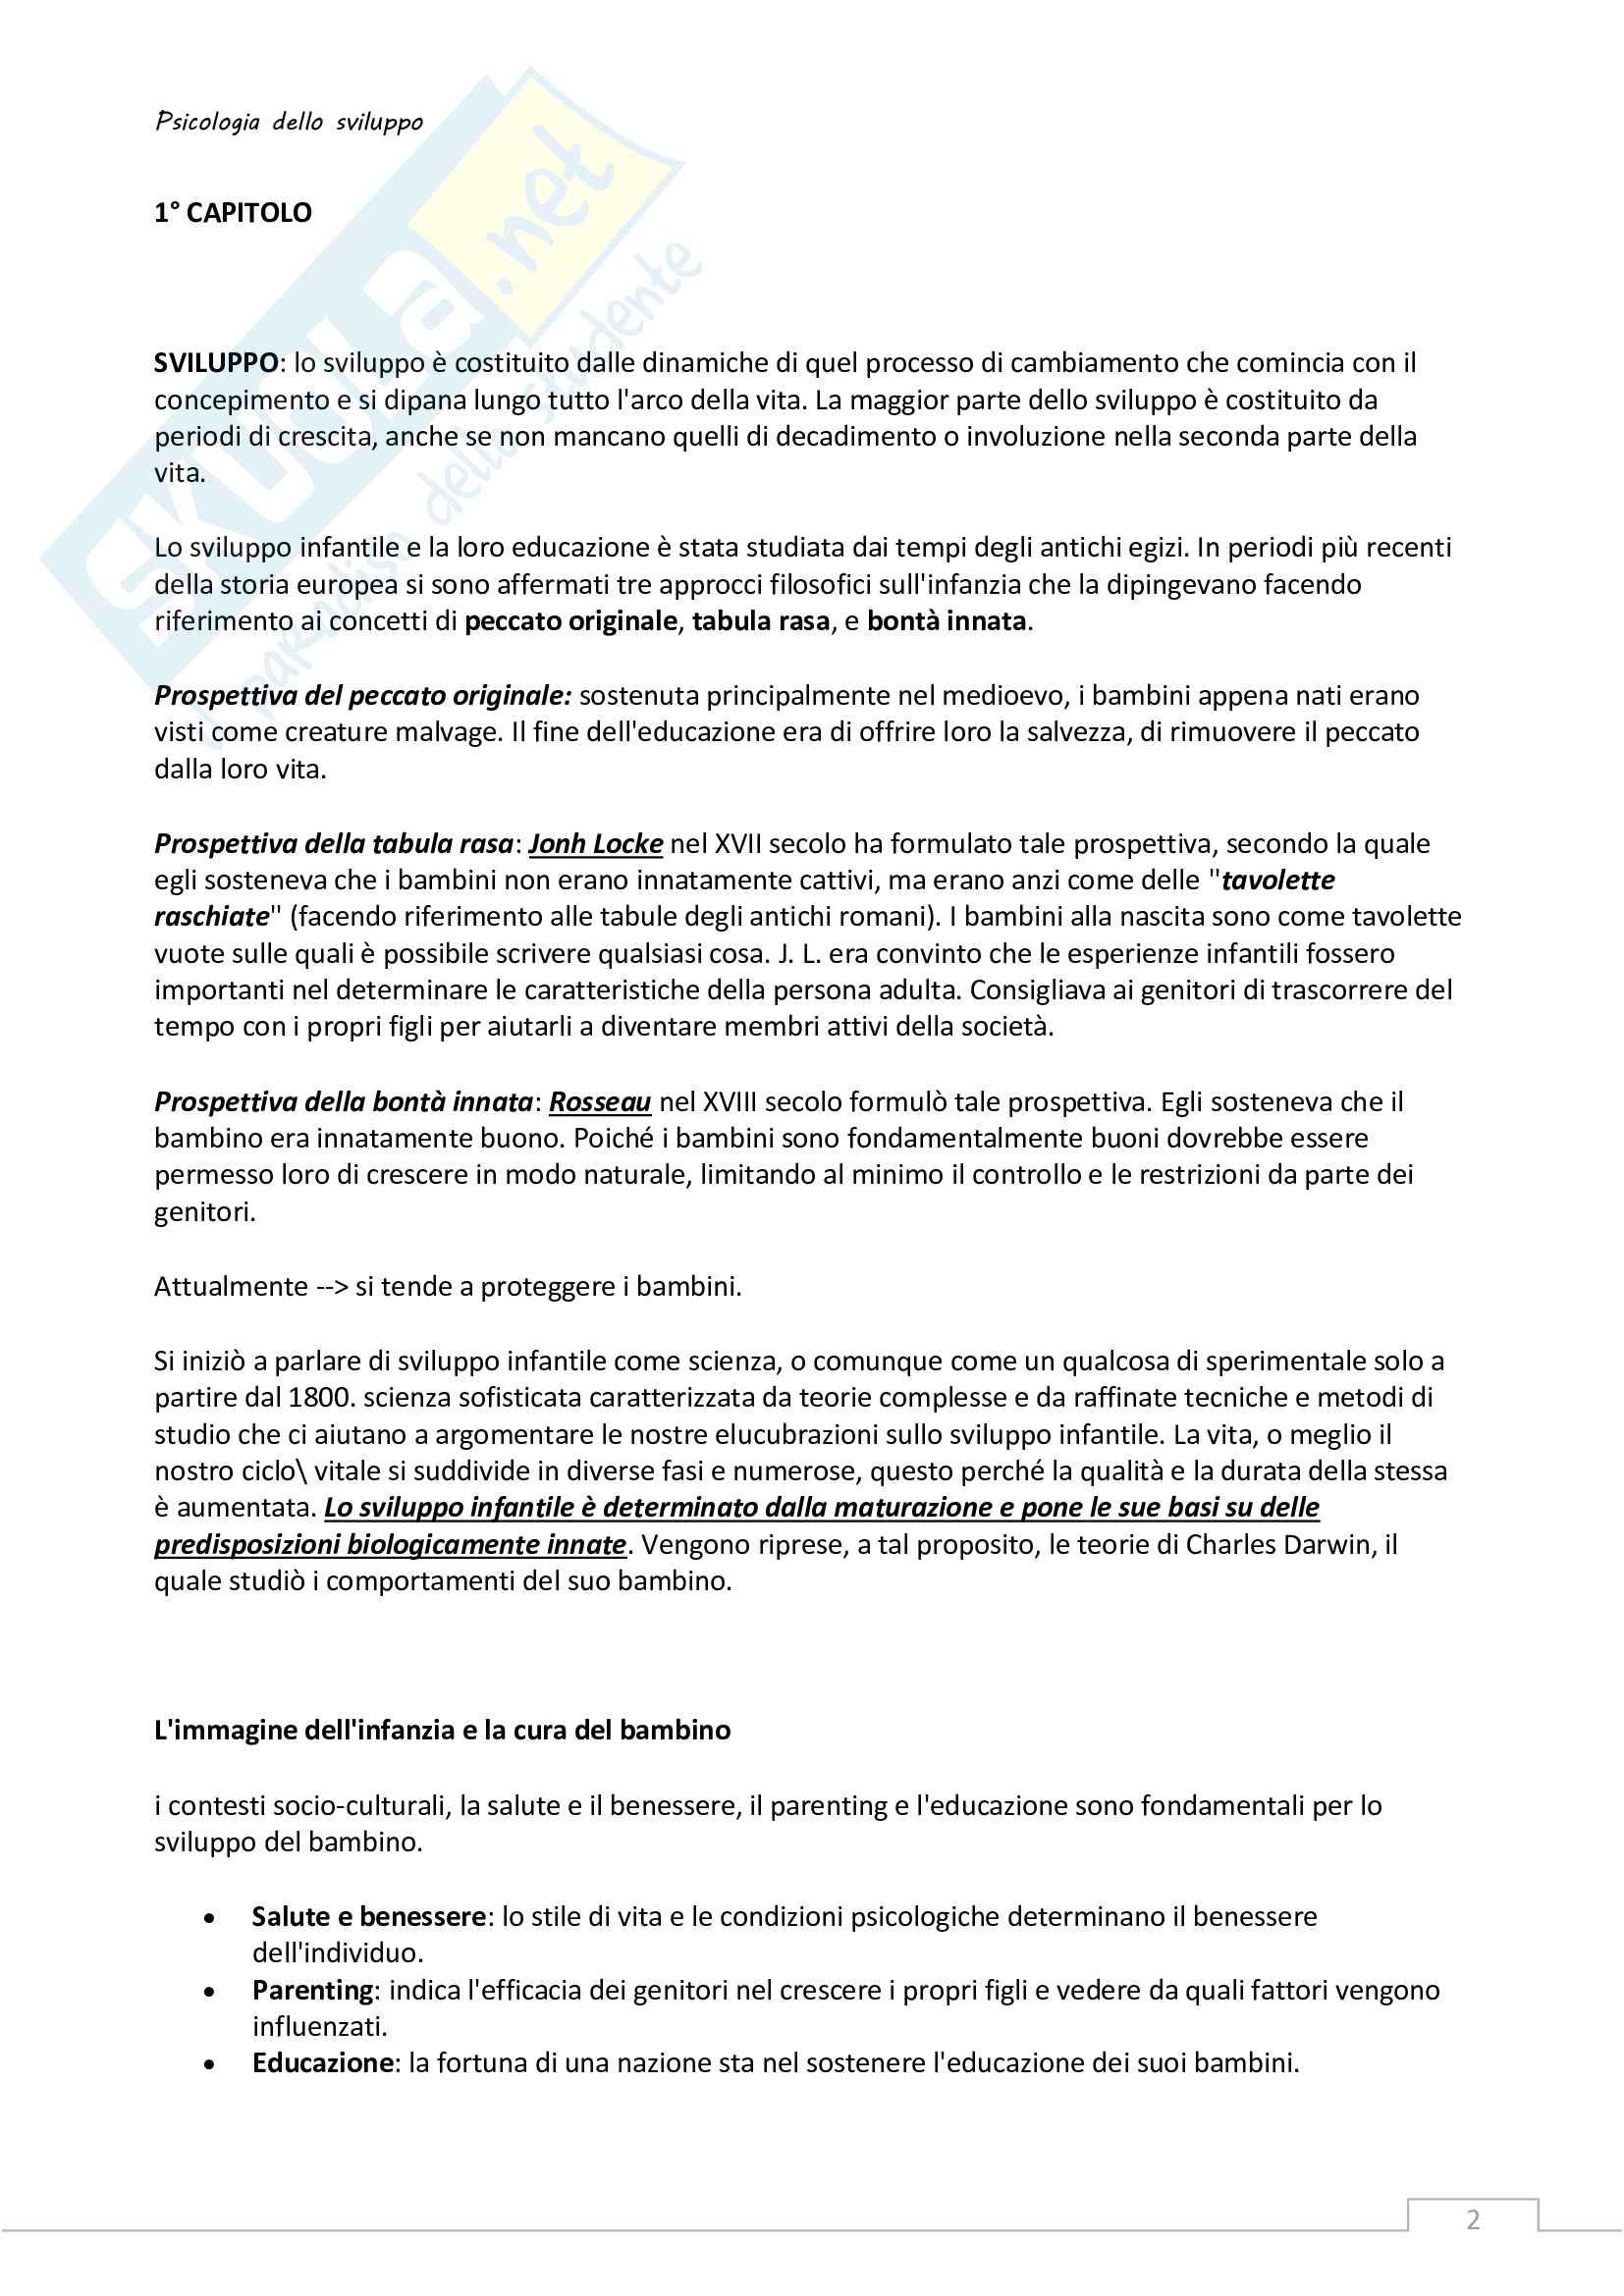 Riassunto esame Psicologia dello sviluppo Pag. 2